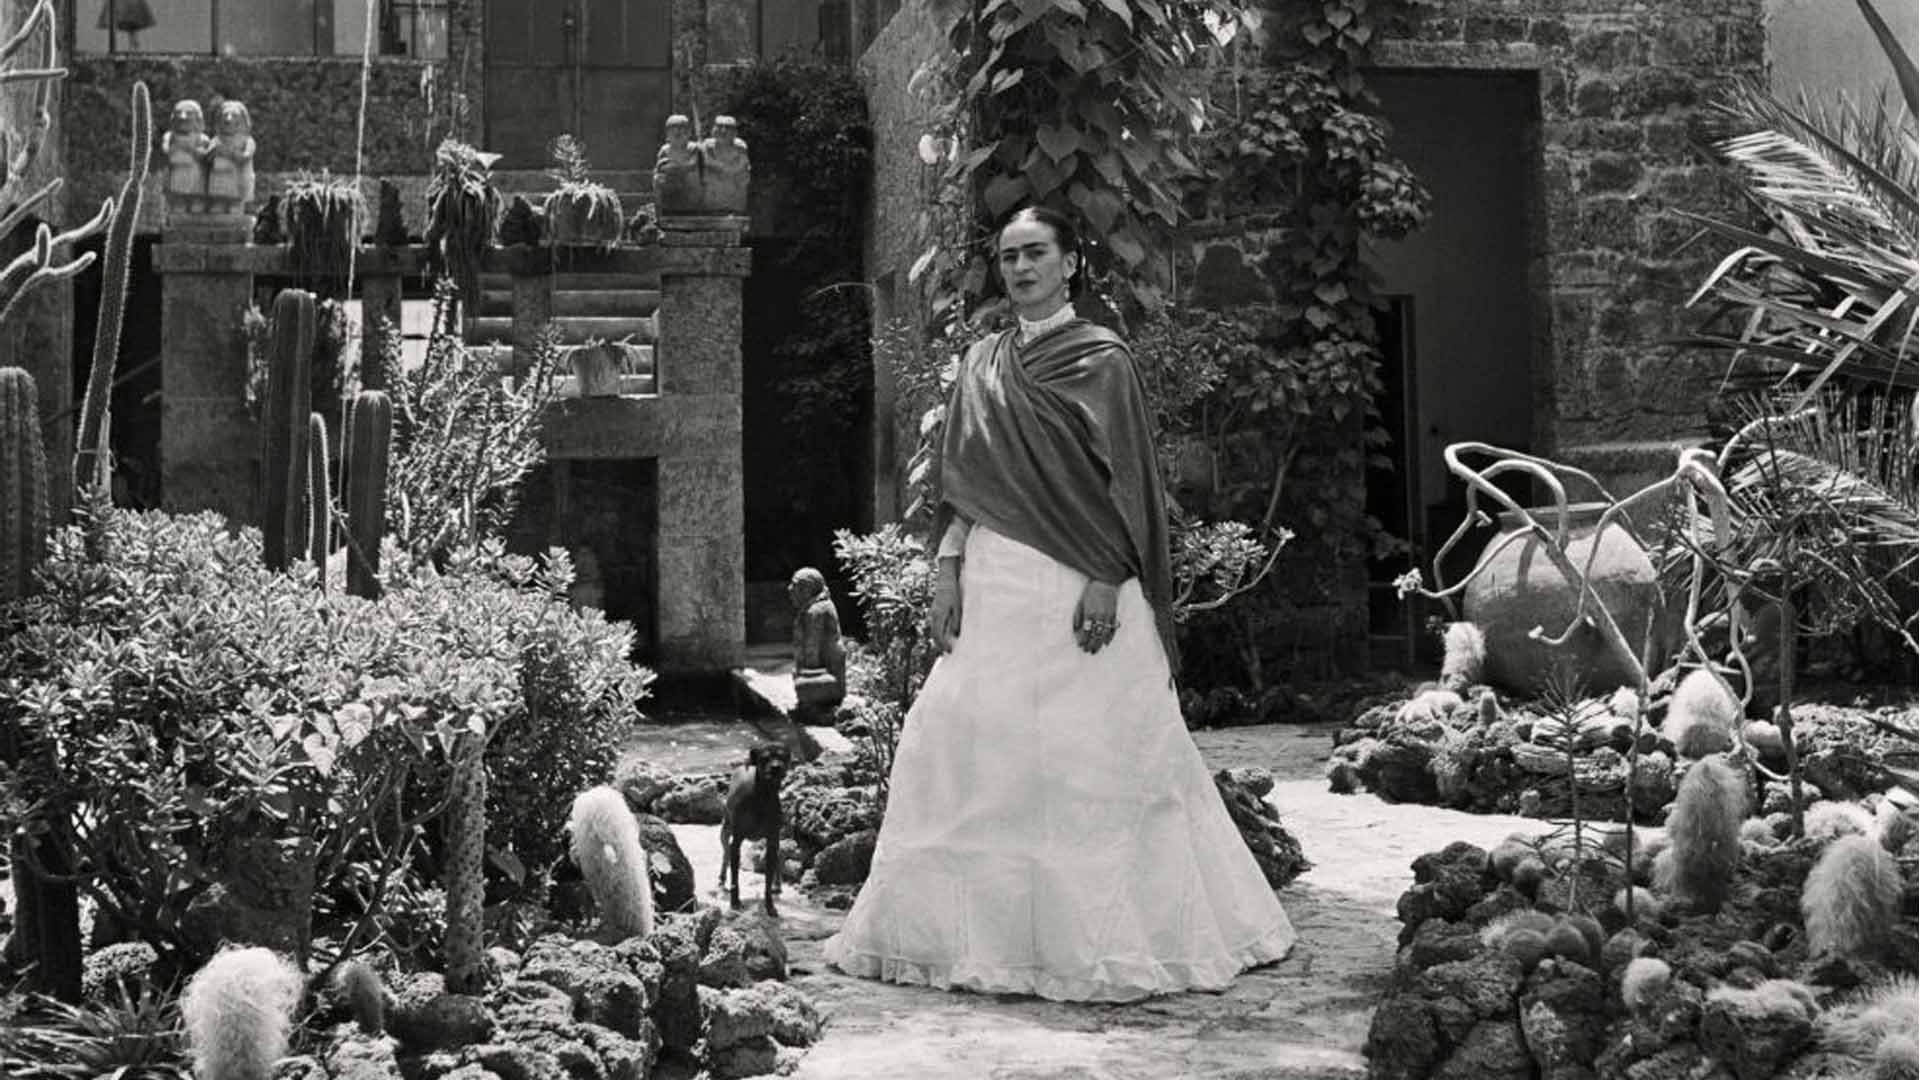 Retrato en blanco y negro de la artista mexicana Frida Kahlo en su jardín